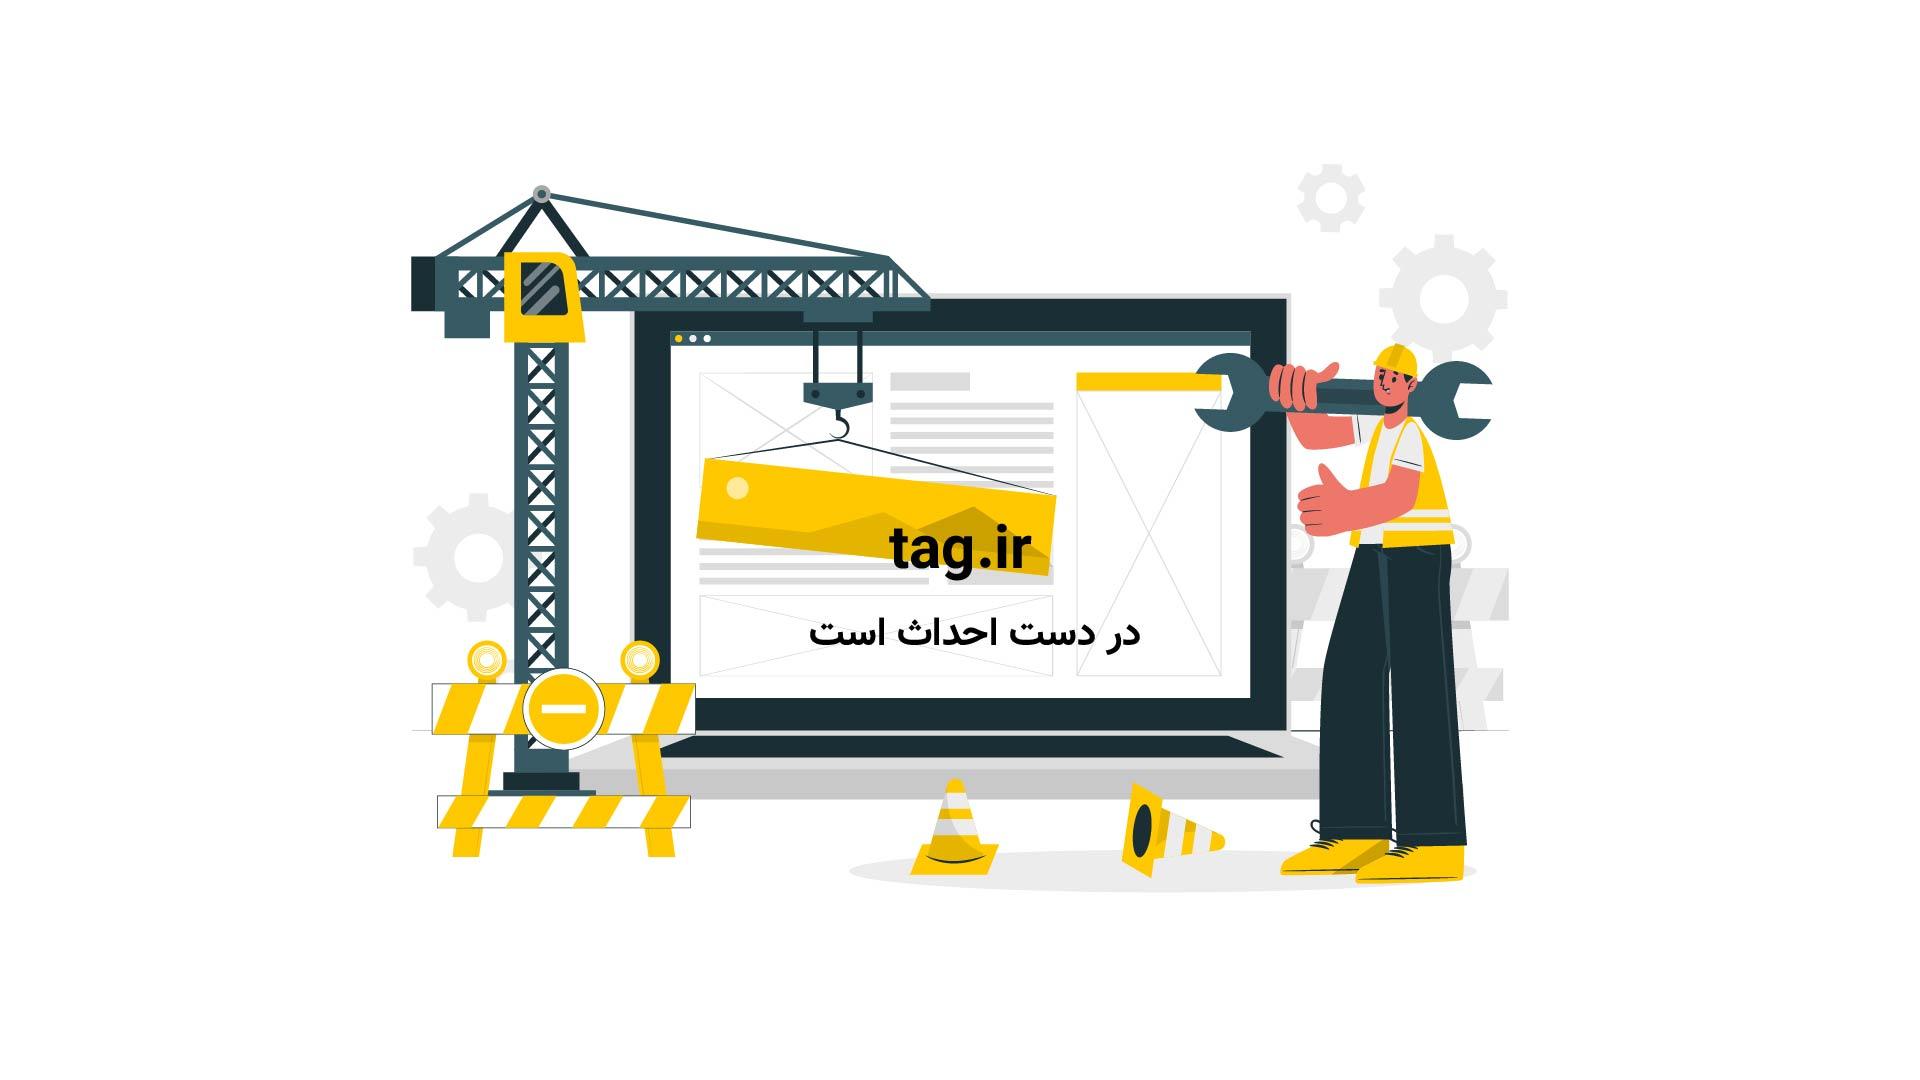 ایده ساخت نشانه گذار عروسکی برای کتاب های کودکان | فیلم